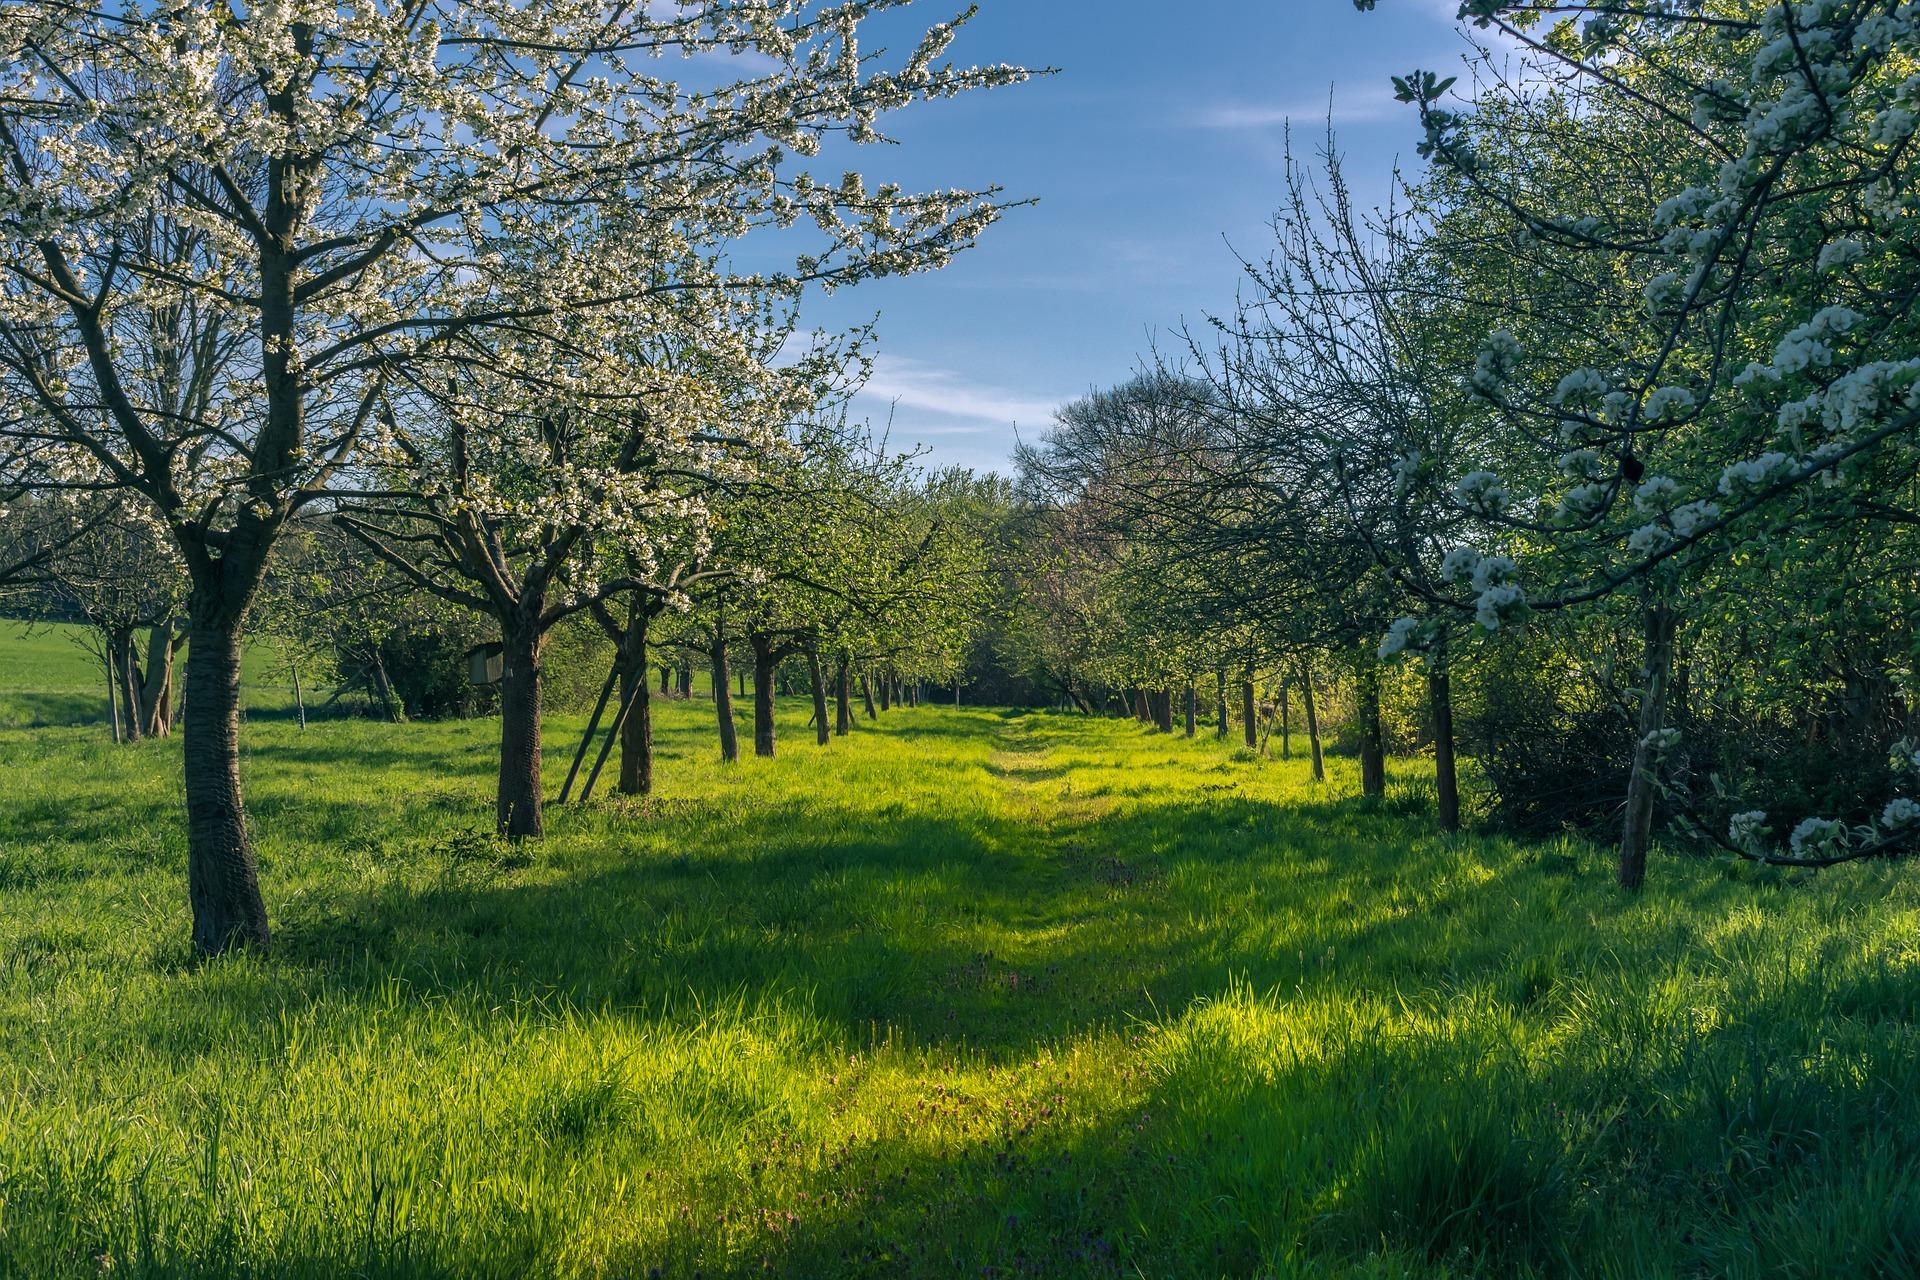 spring-4158957_1920